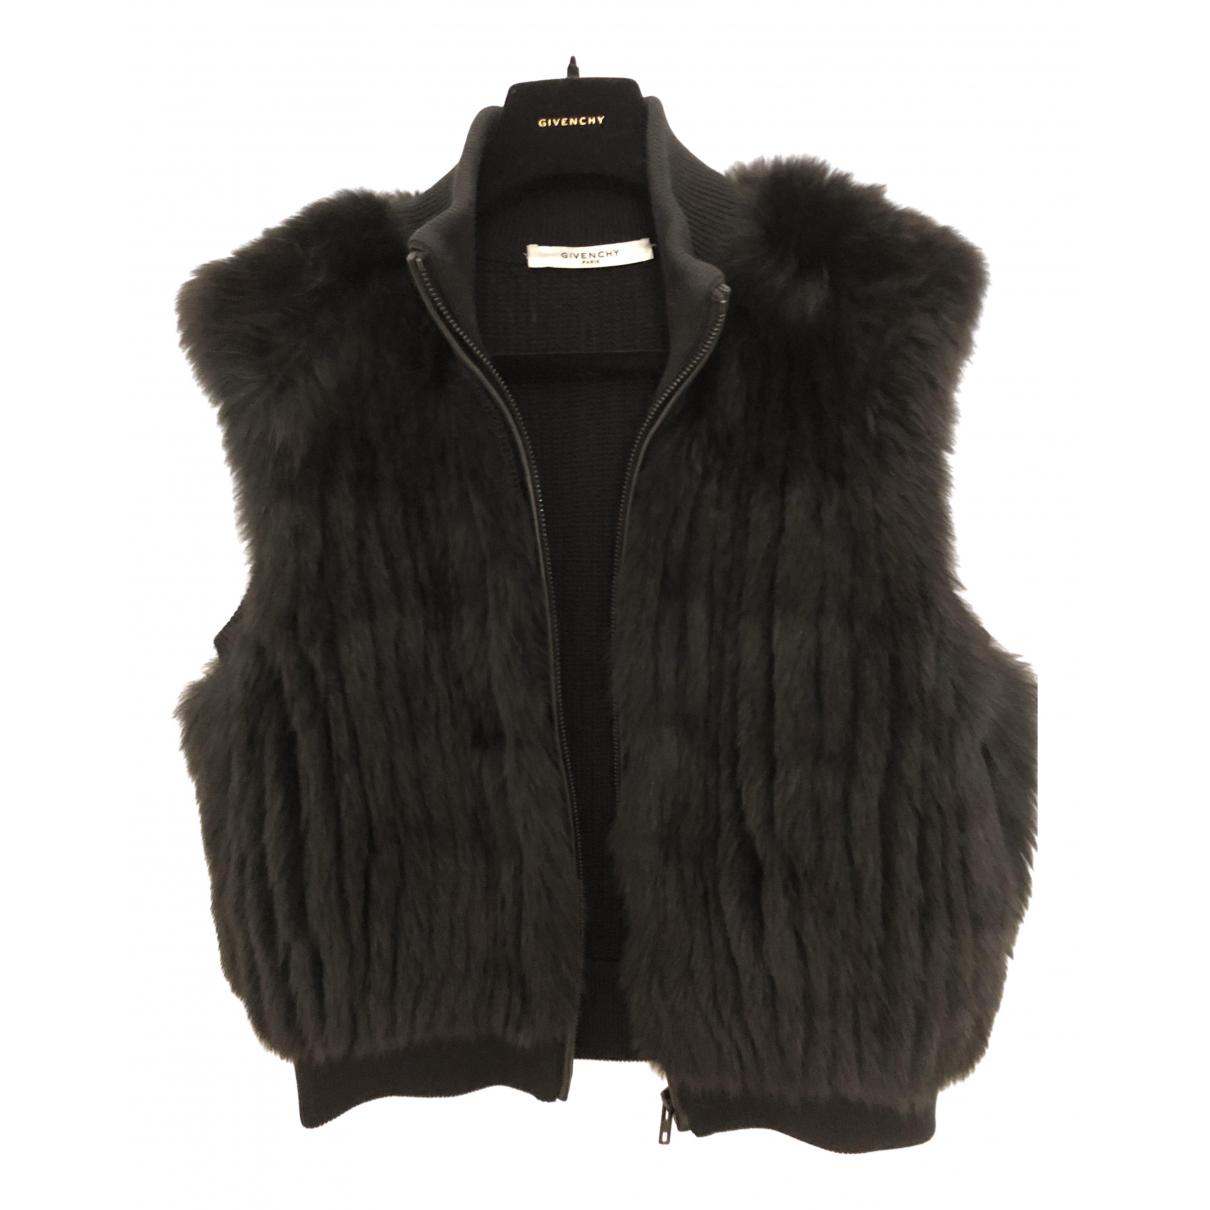 Givenchy \N Jacke in  Schwarz Fuchs